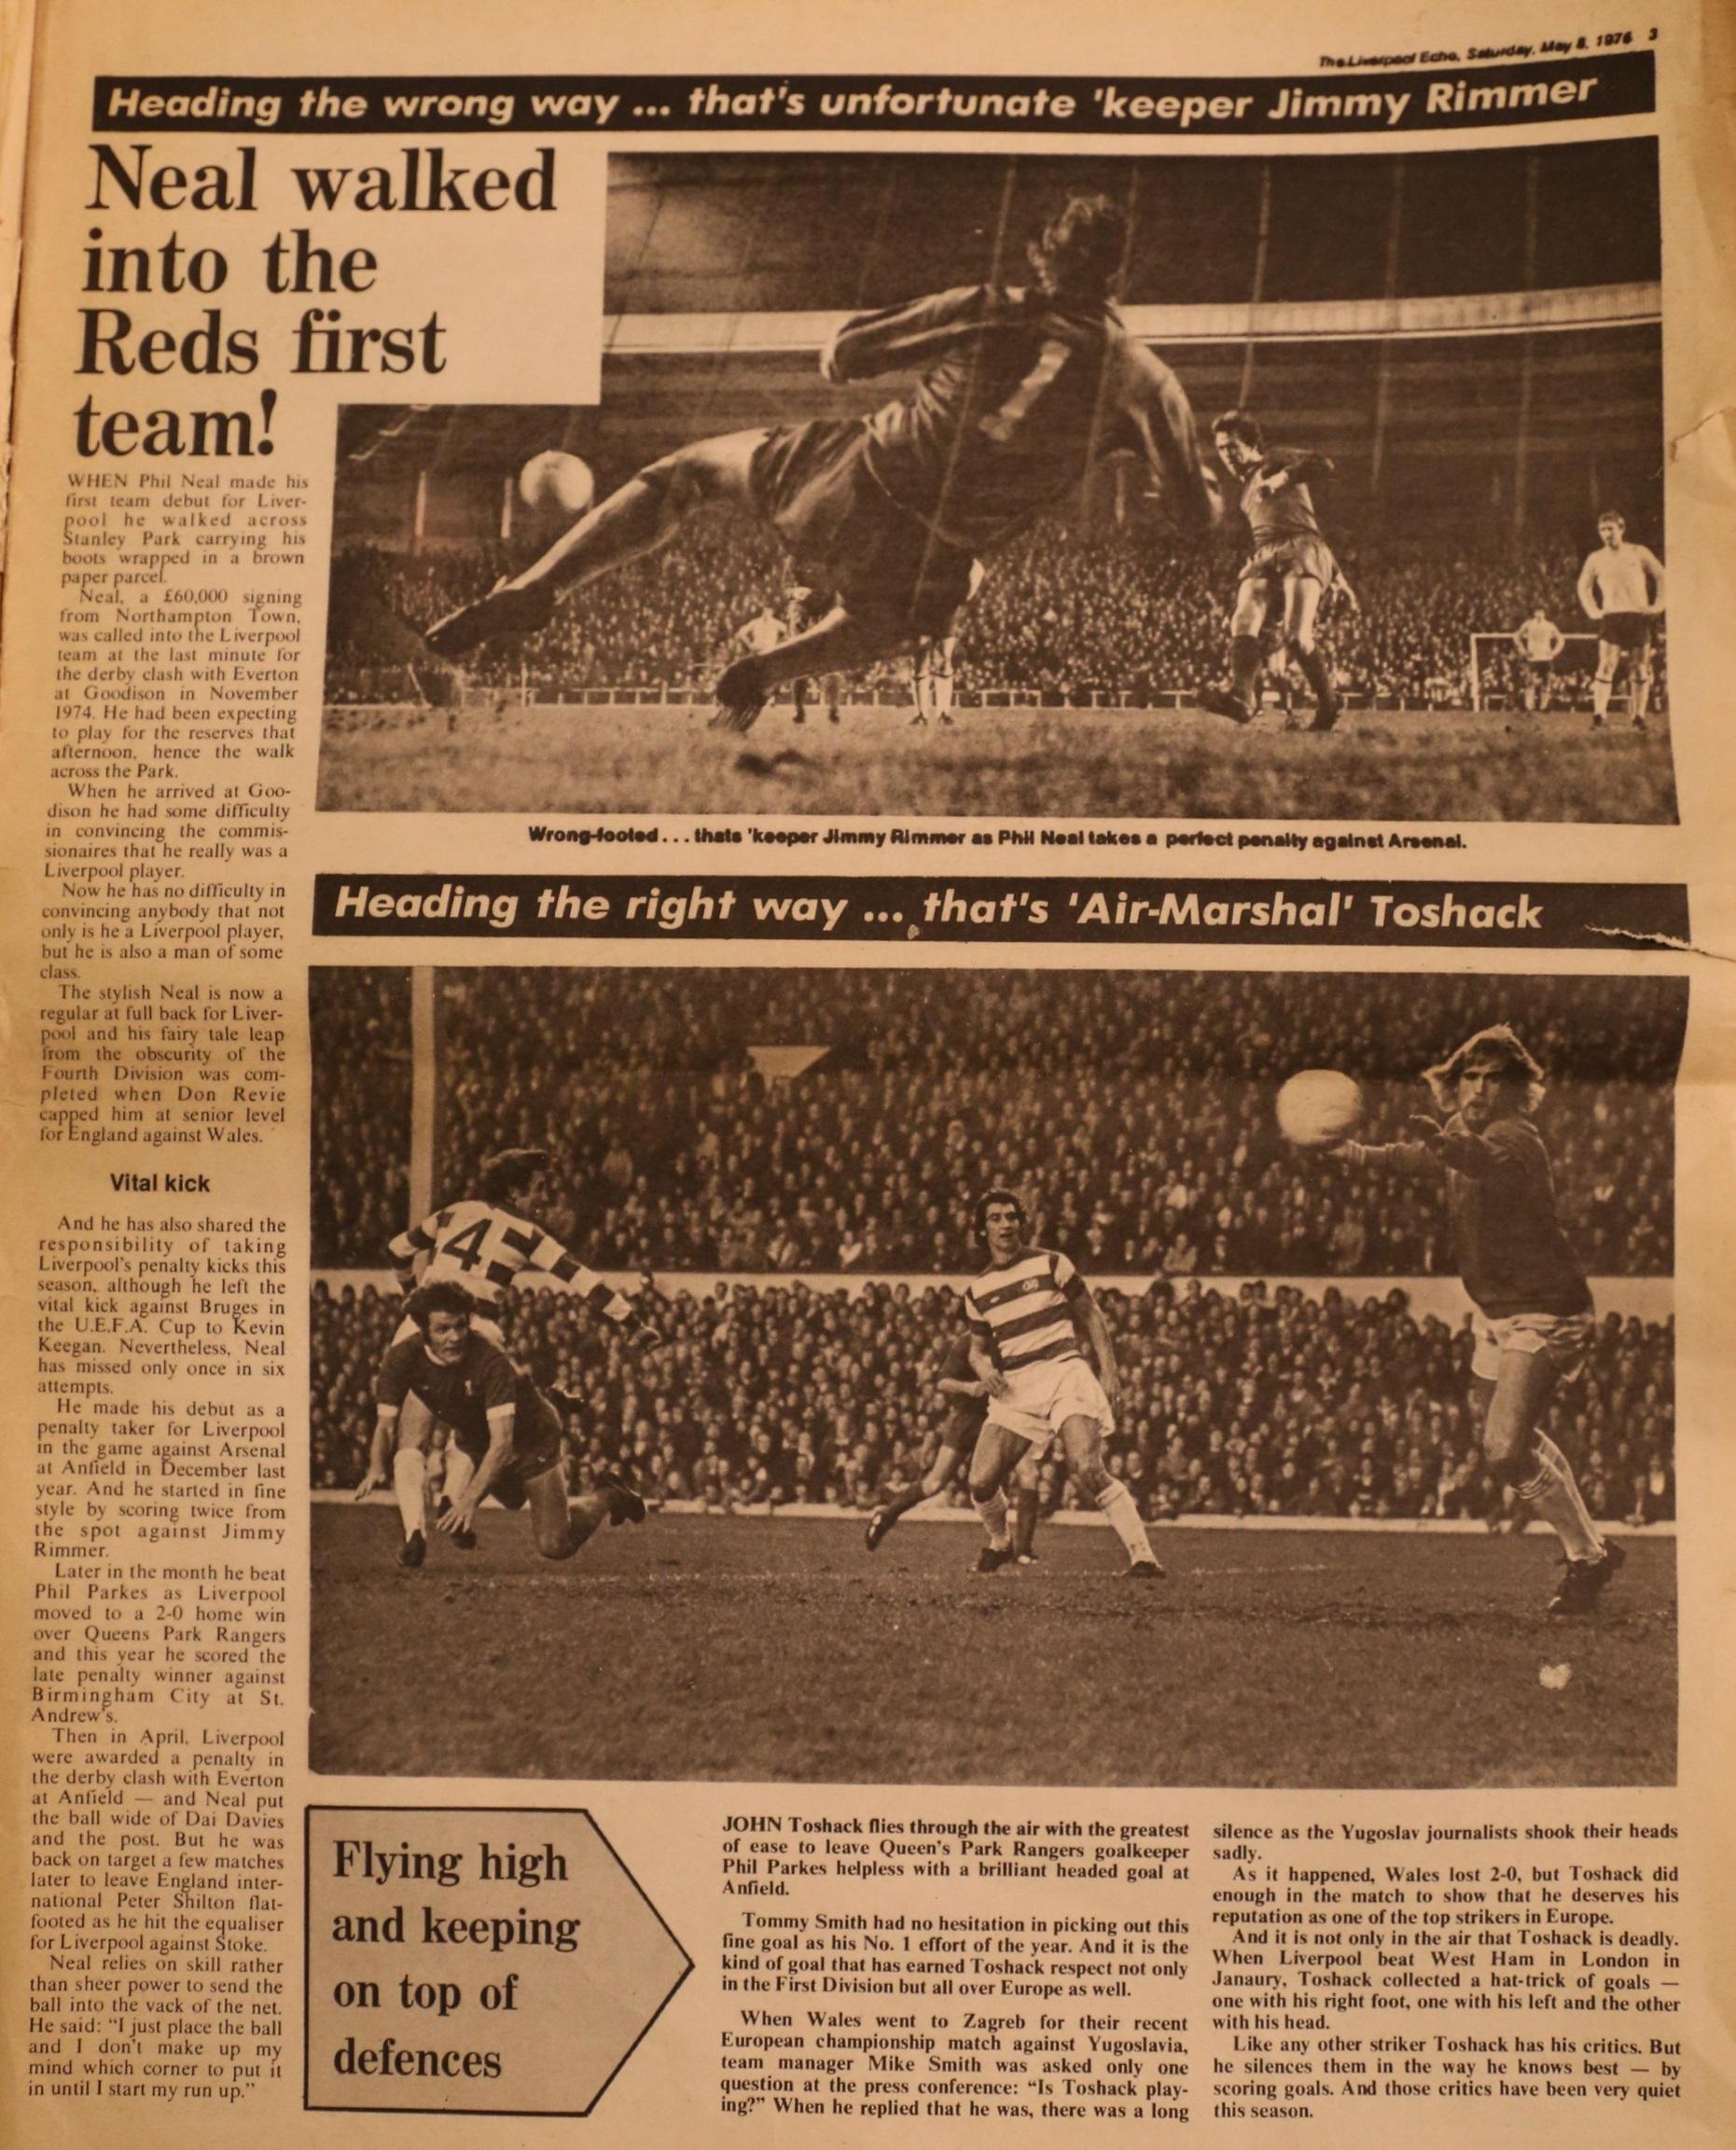 Manchester city vs manchester utd 61 all goals 23102011 fileserve - 1 2